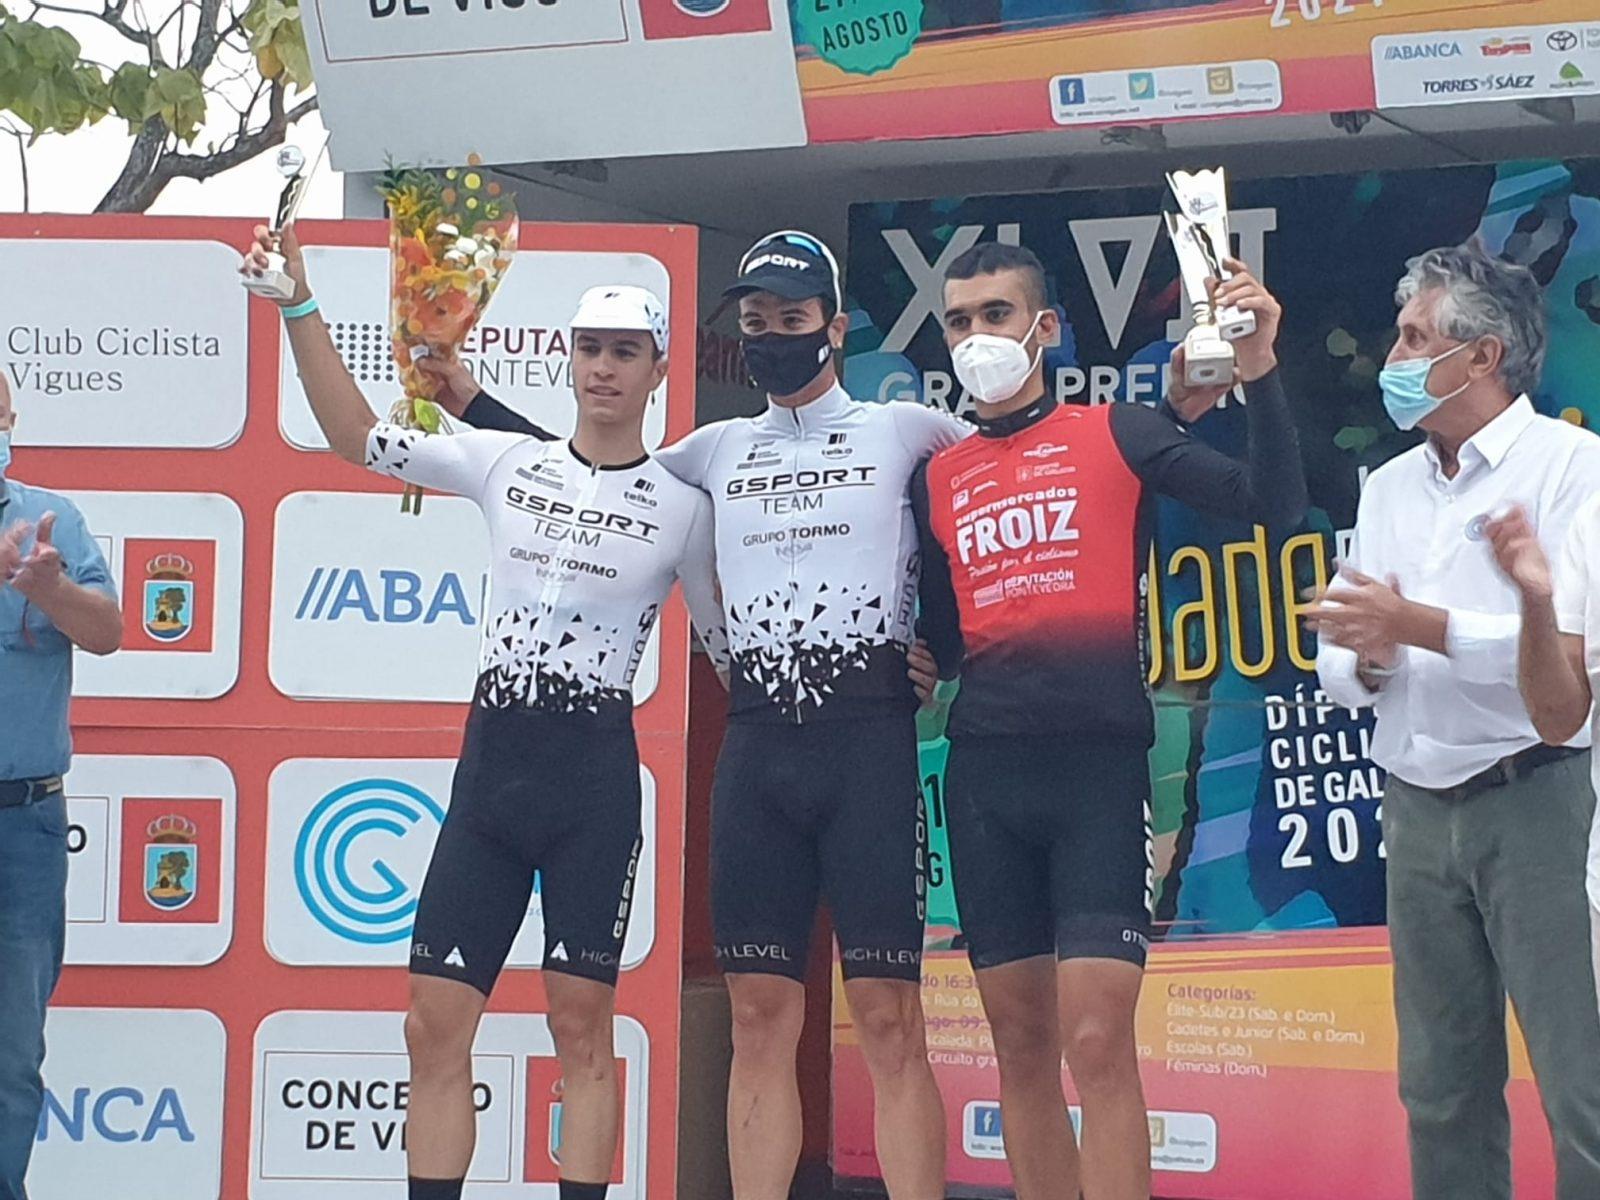 GP Cidade Vigo Gsport